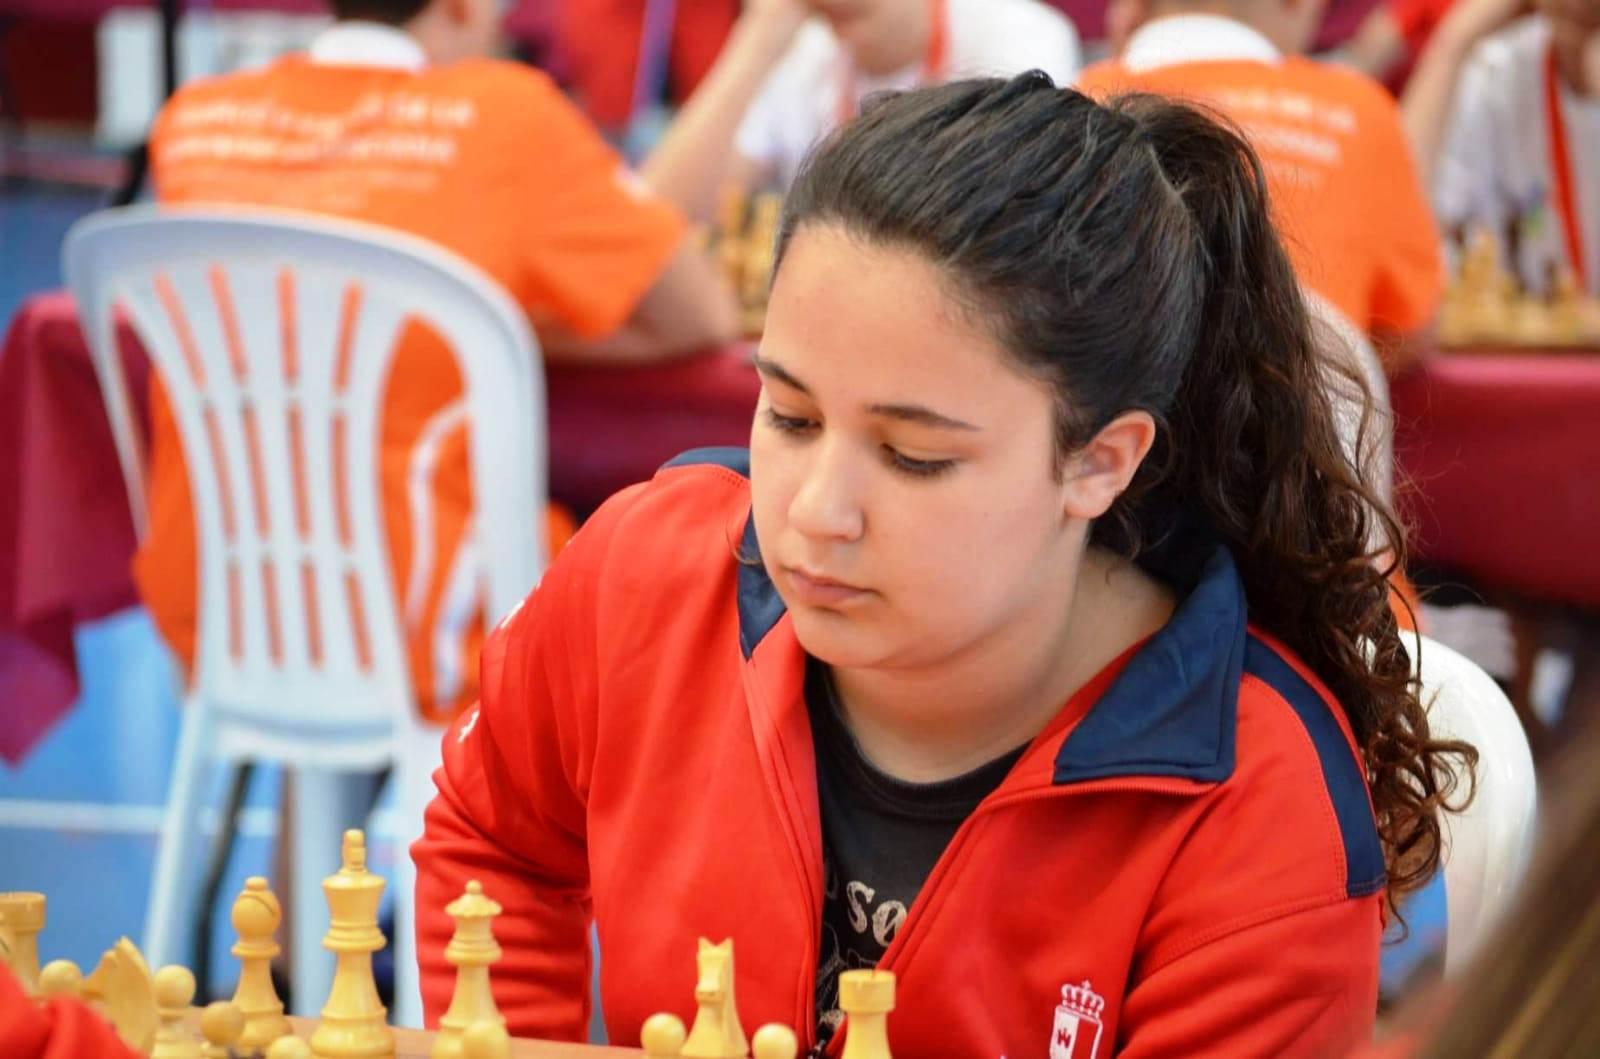 Marisa en Pamplona